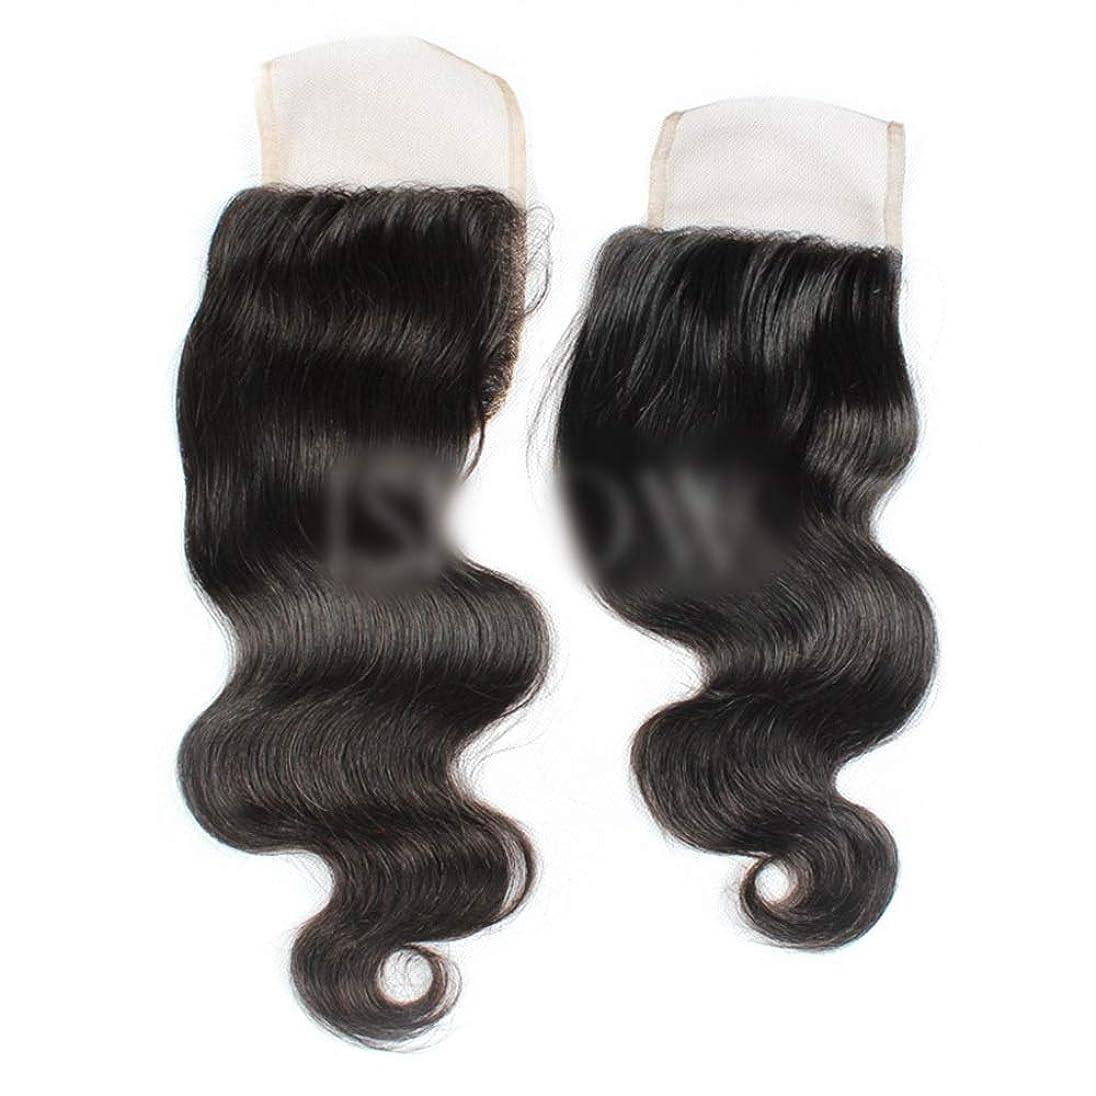 コンテンポラリー彫るダーツBOBIDYEE ブラジル実体波無料パート4×4レース前頭閉鎖人間の髪の毛の自然な黒い色(8インチ-20インチ)合成髪レースかつらロールプレイングかつらロングとショートの女性自然 (色 : 黒, サイズ : 20 inch)